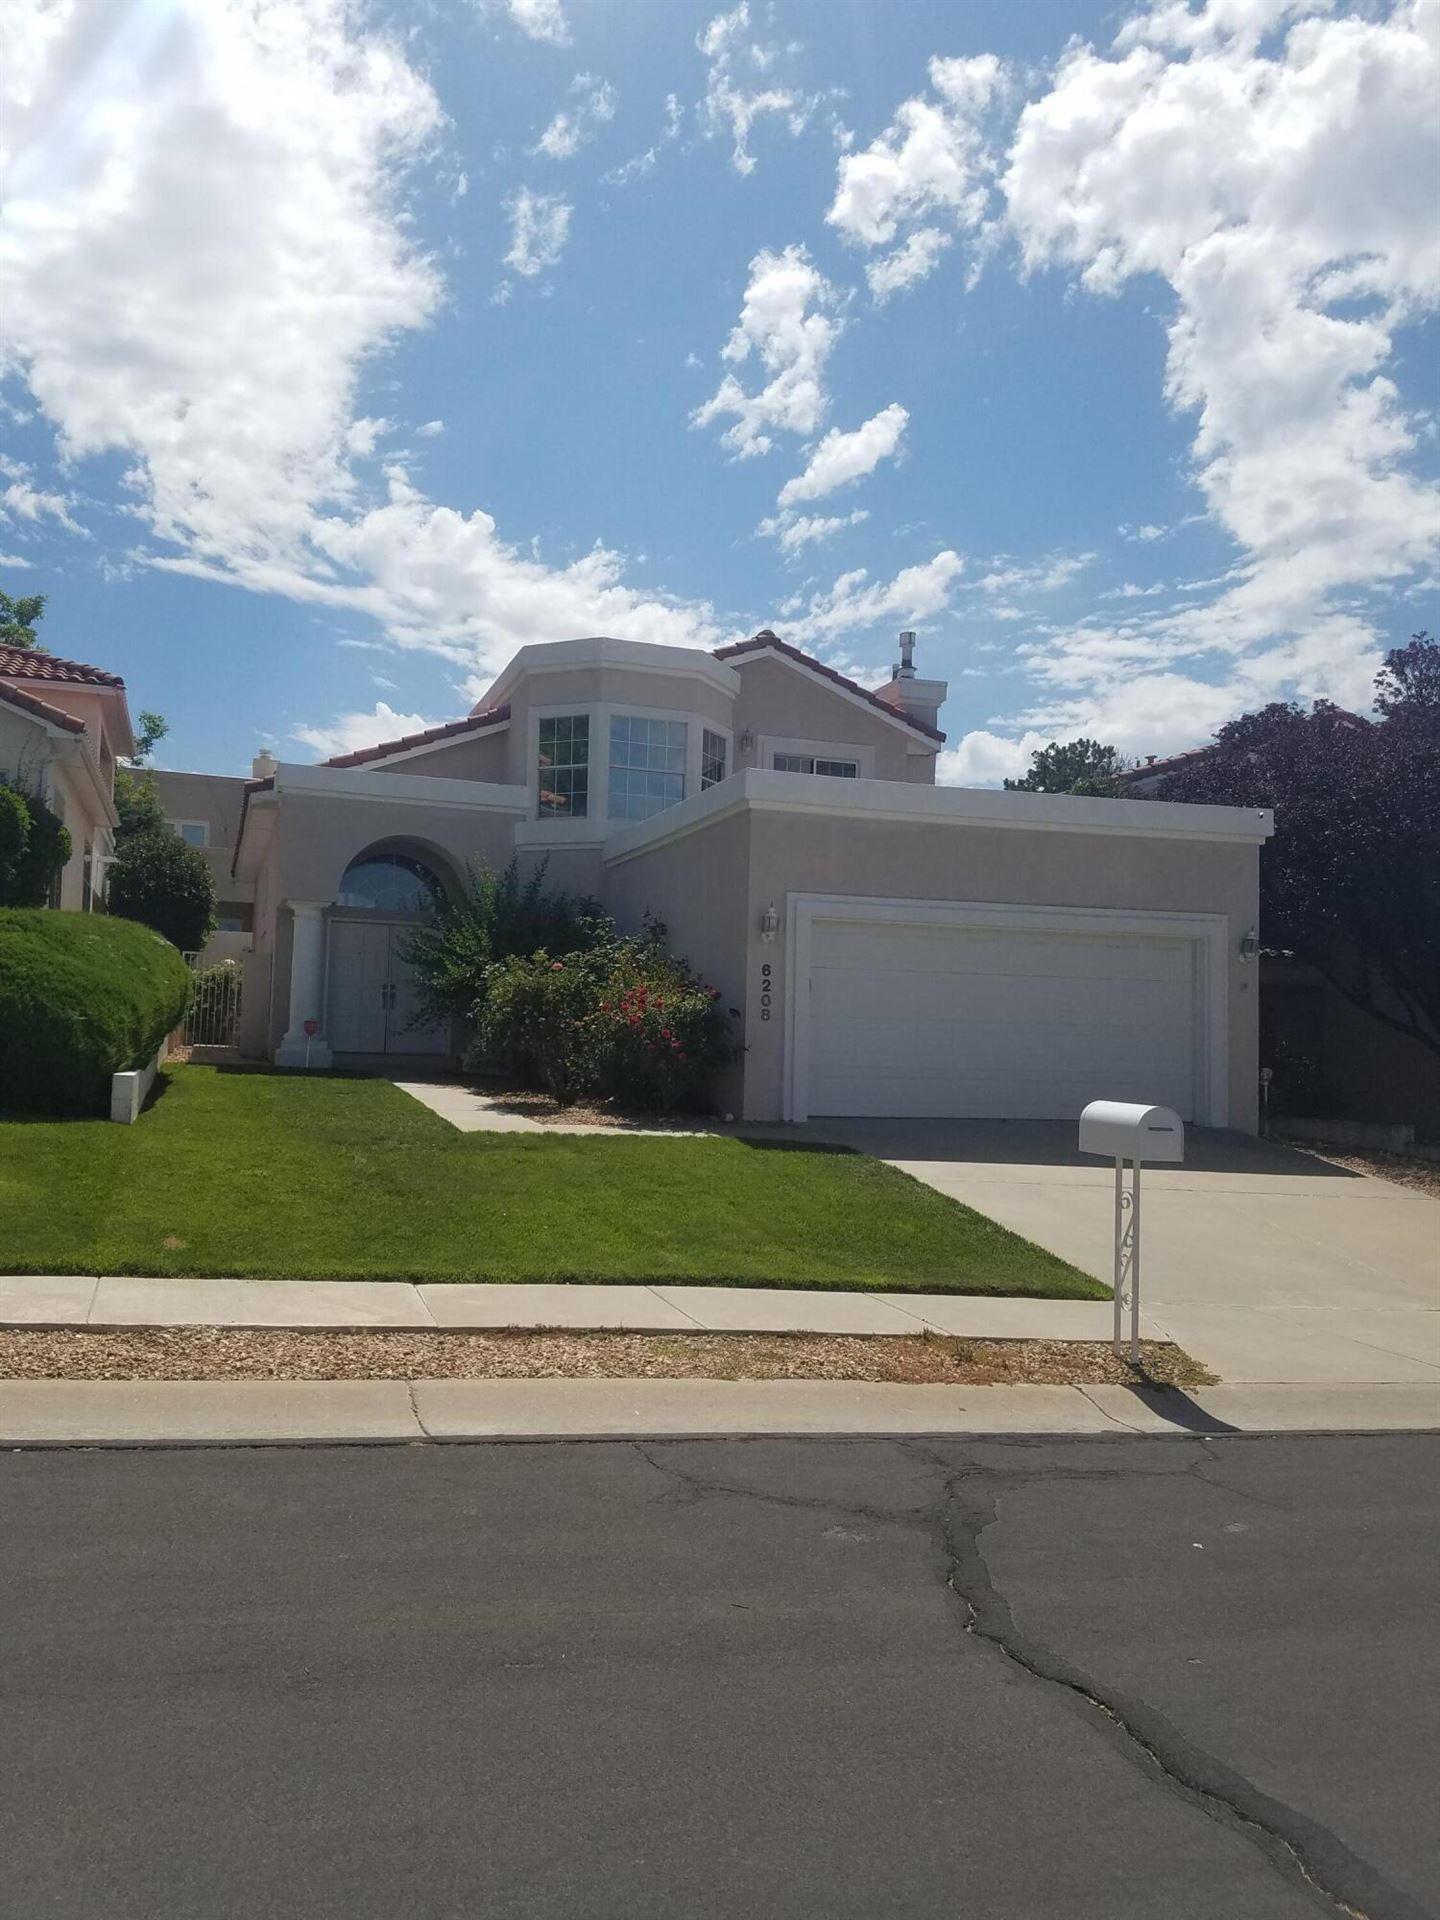 6208 Peachtree Place NE, Albuquerque, NM 87111 - MLS#: 985482